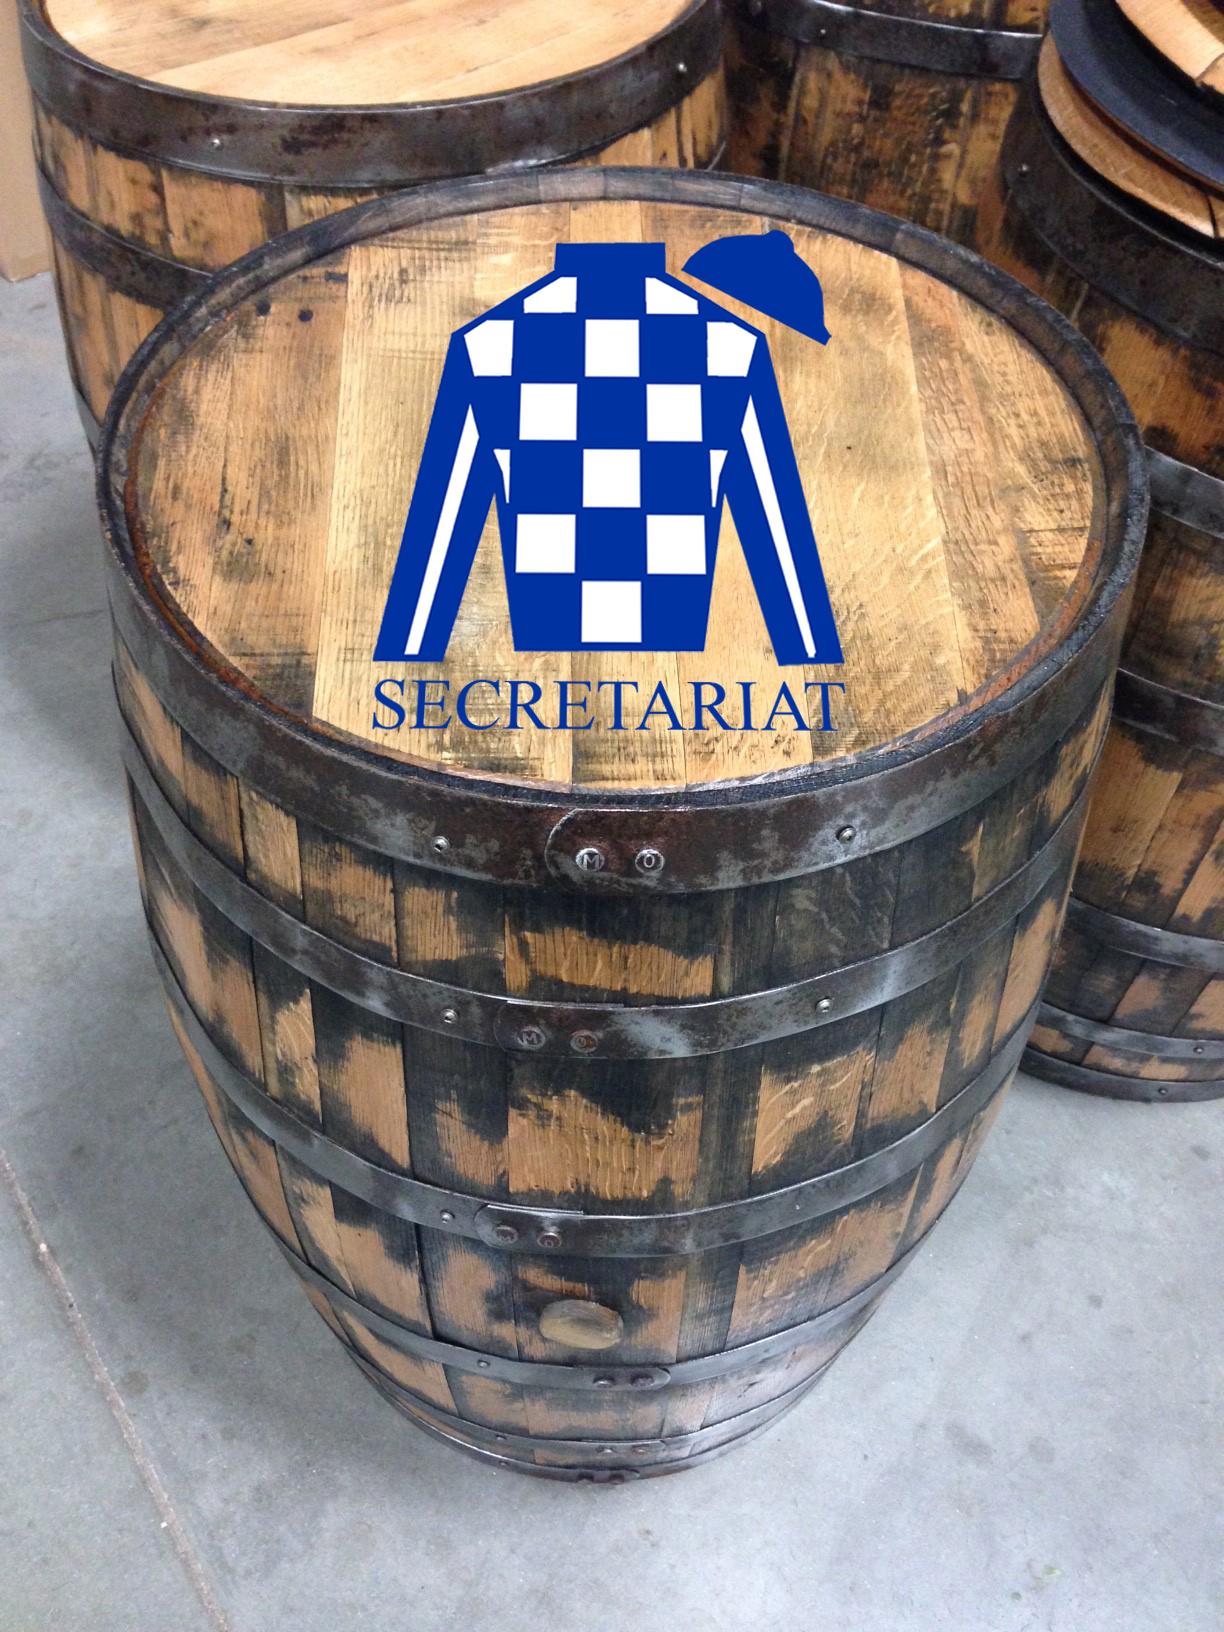 secretariat full size barrel